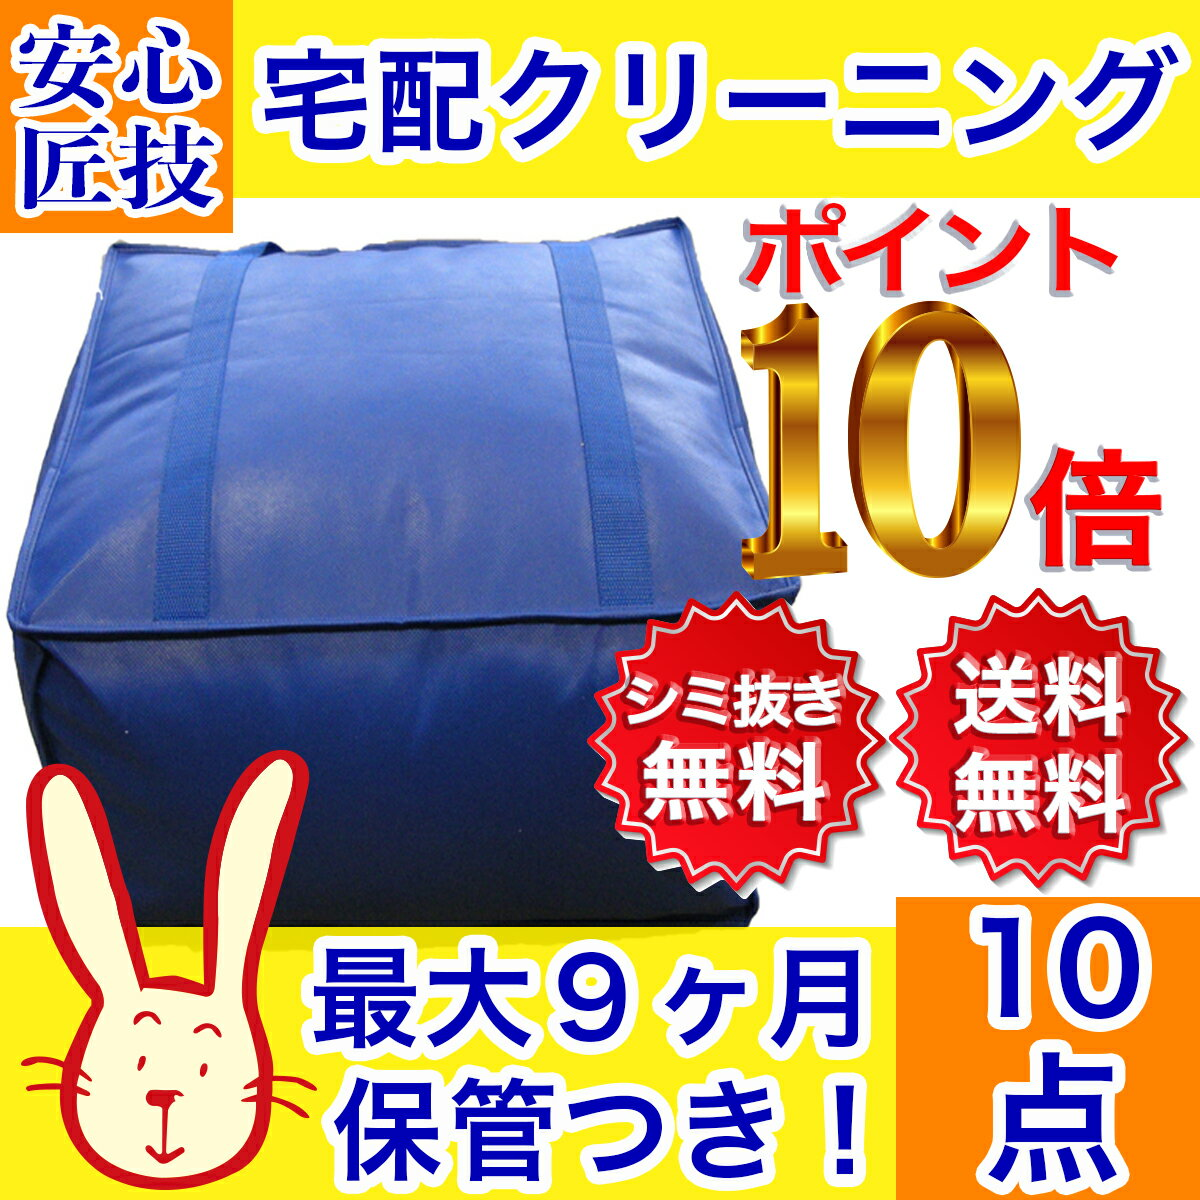 【40%OFF!】クリーニング 保管 宅配 最大9ヶ月長期保管コース 10点パック 送料無料